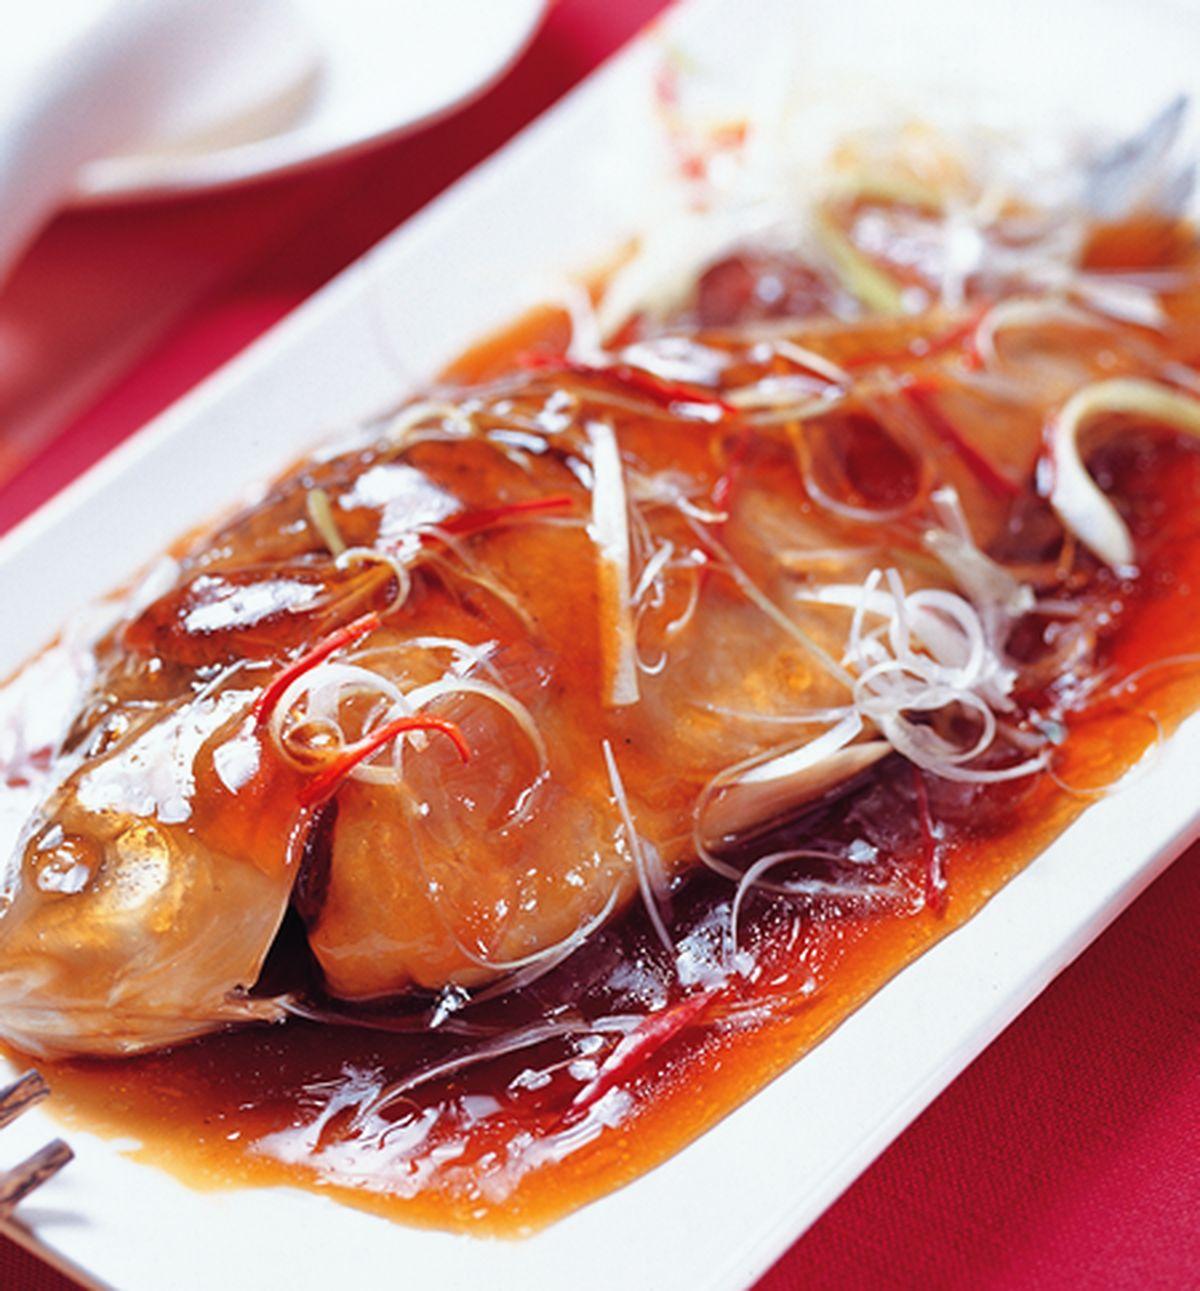 食譜:鎮江醋魚